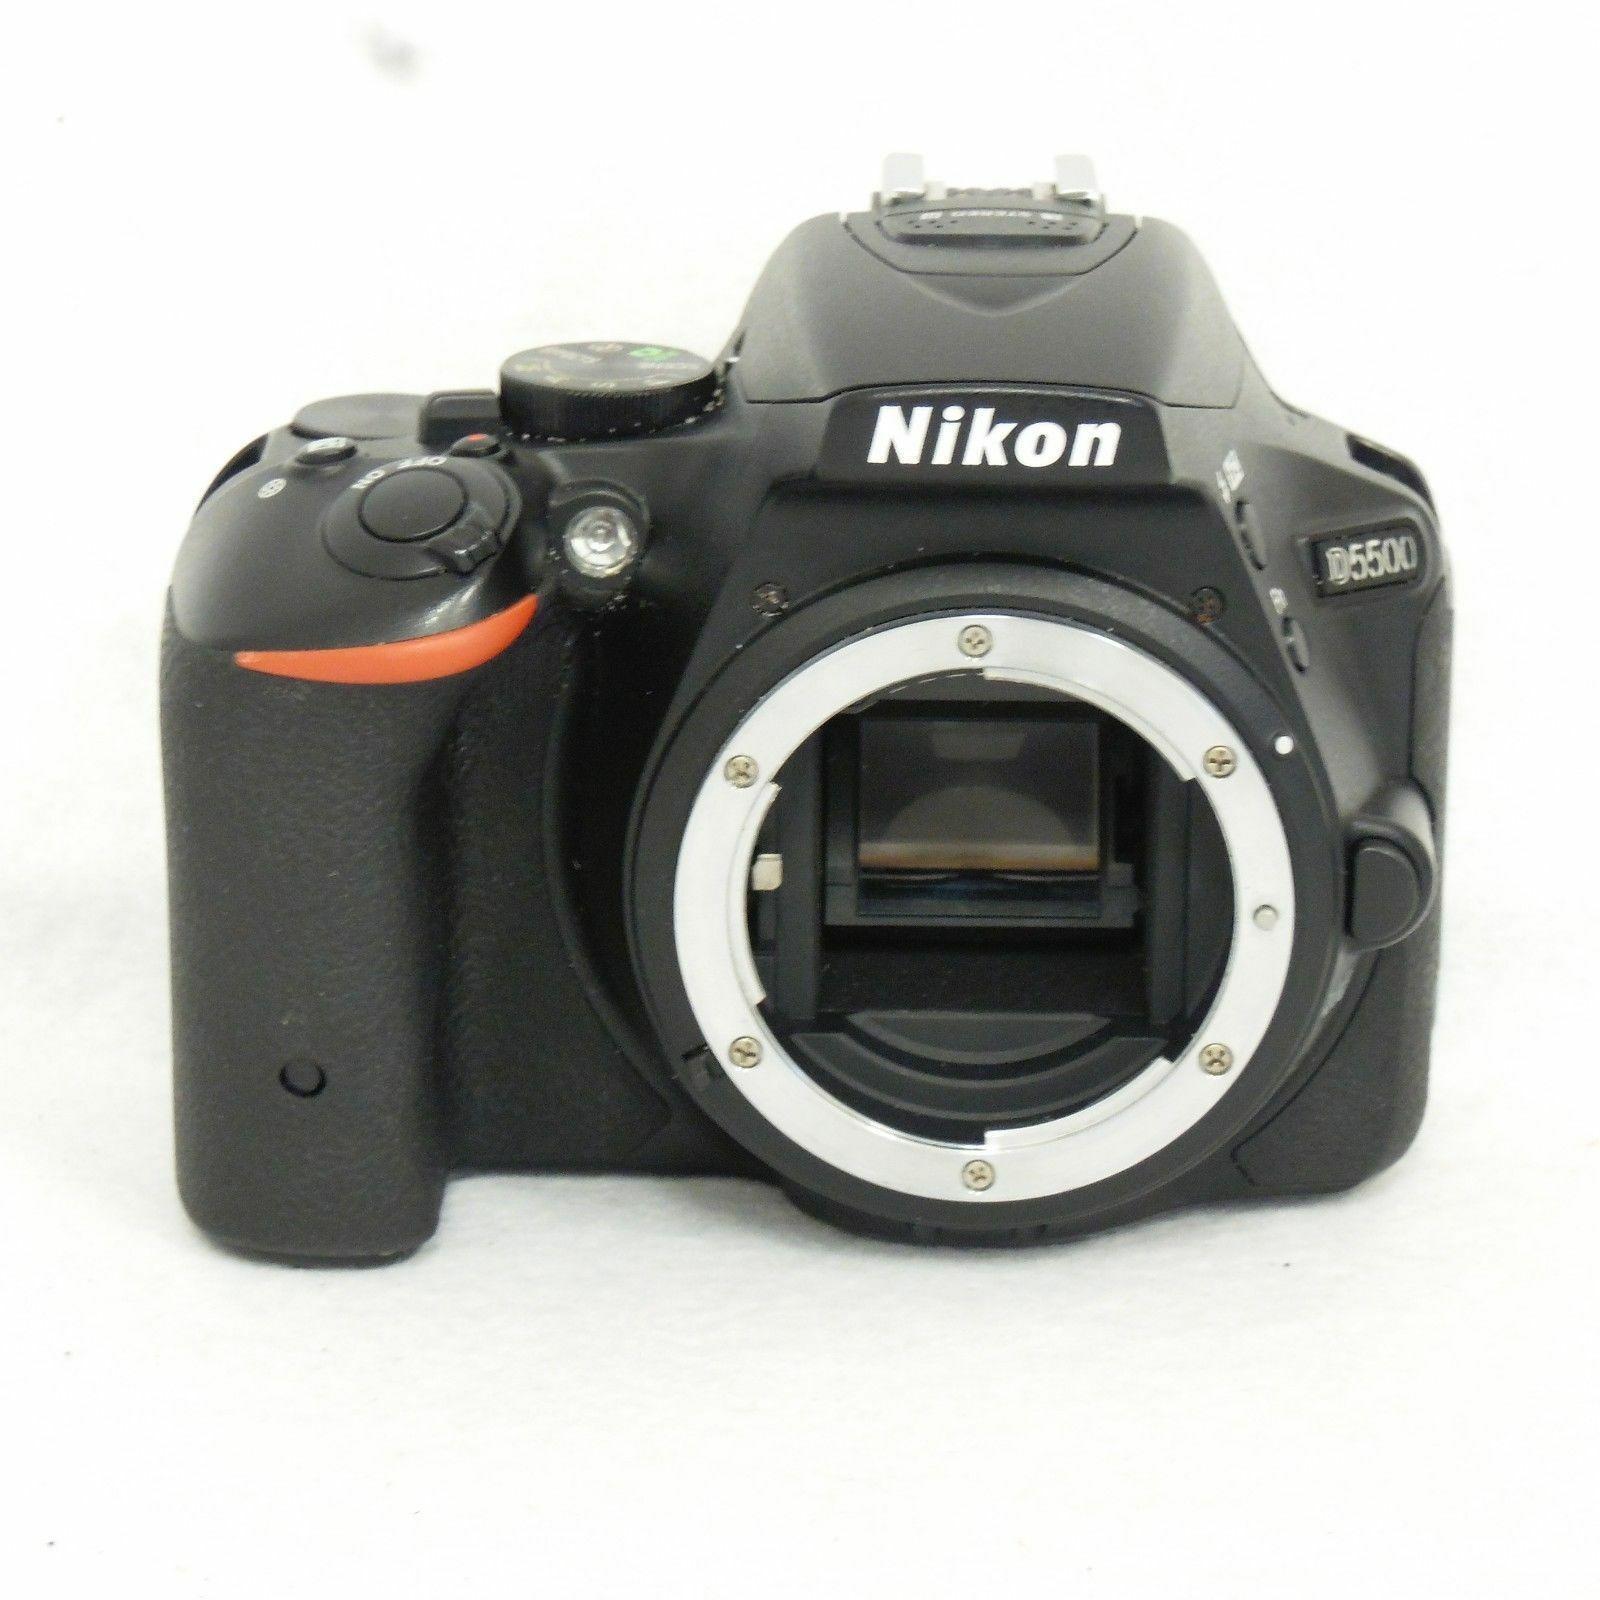 Nikon D5500 24.2MP Digital SLR Camera 18-55mm AF-S VR2 Lens Set DSLR Digital